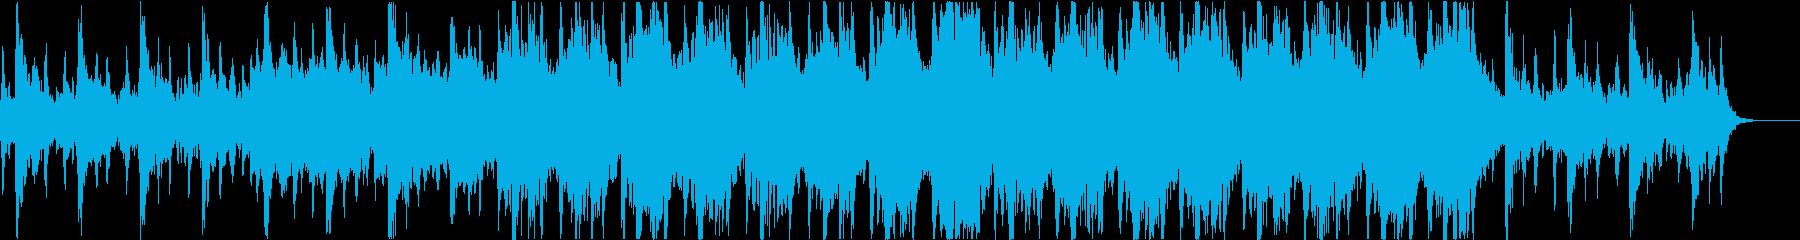 重厚なファンタジーのオーケストラの再生済みの波形